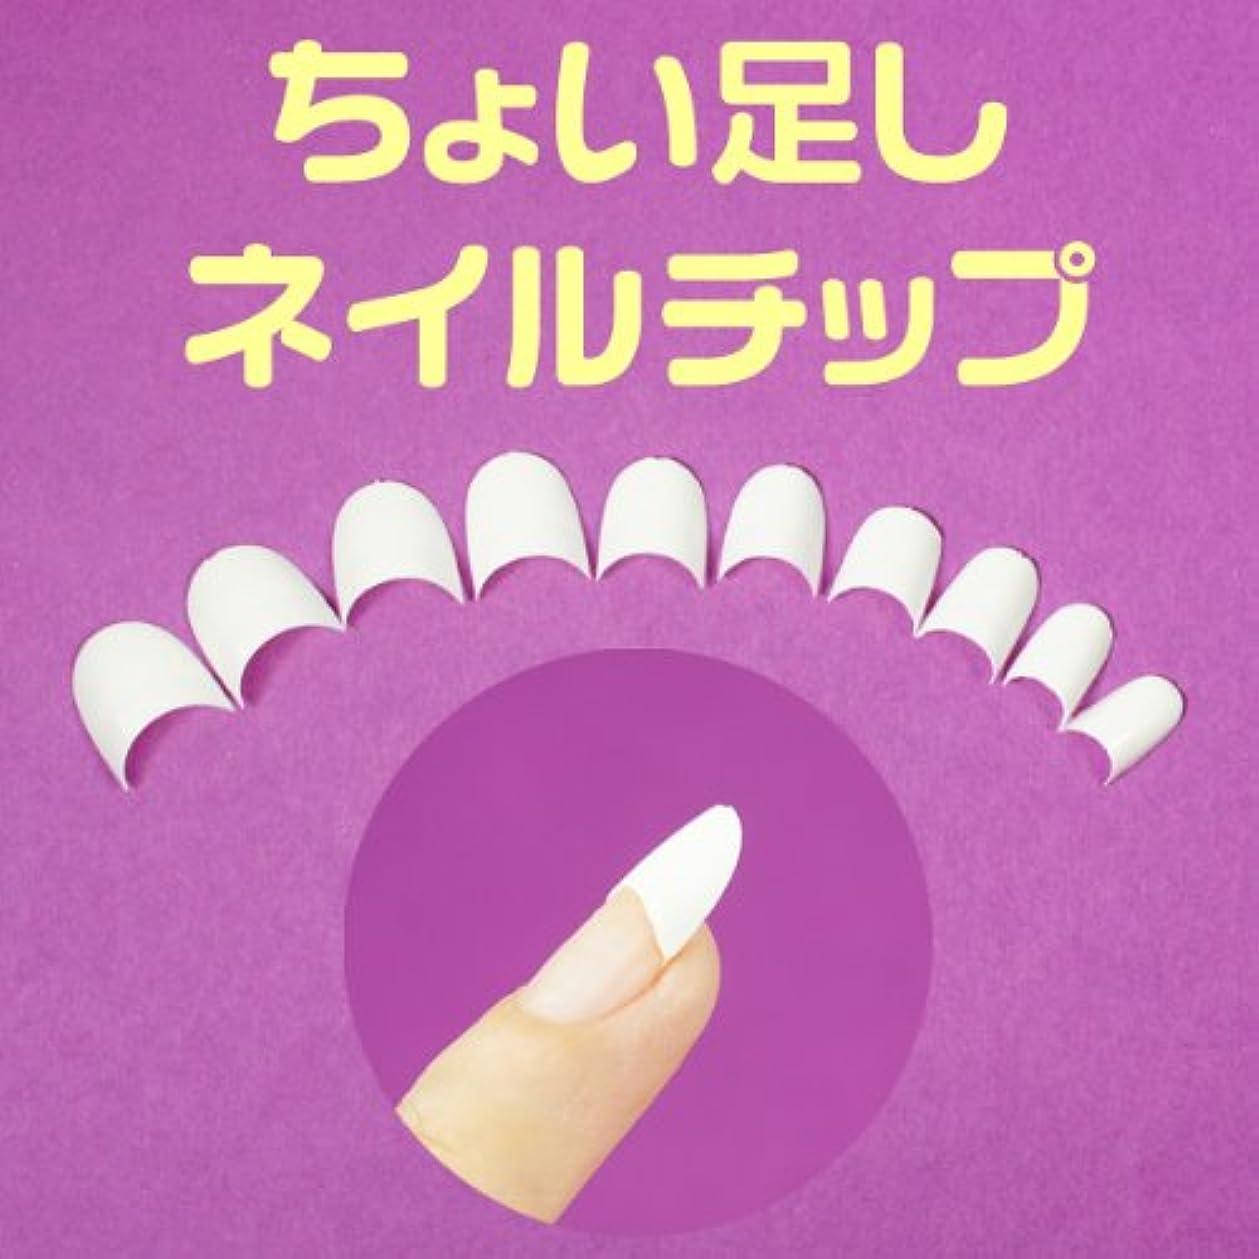 白いちょい足しネイルチップ 超短いハーフチップ スカルプチャー ジェルネイル ラウンドショートクリアネイルチップ つけ爪付け爪